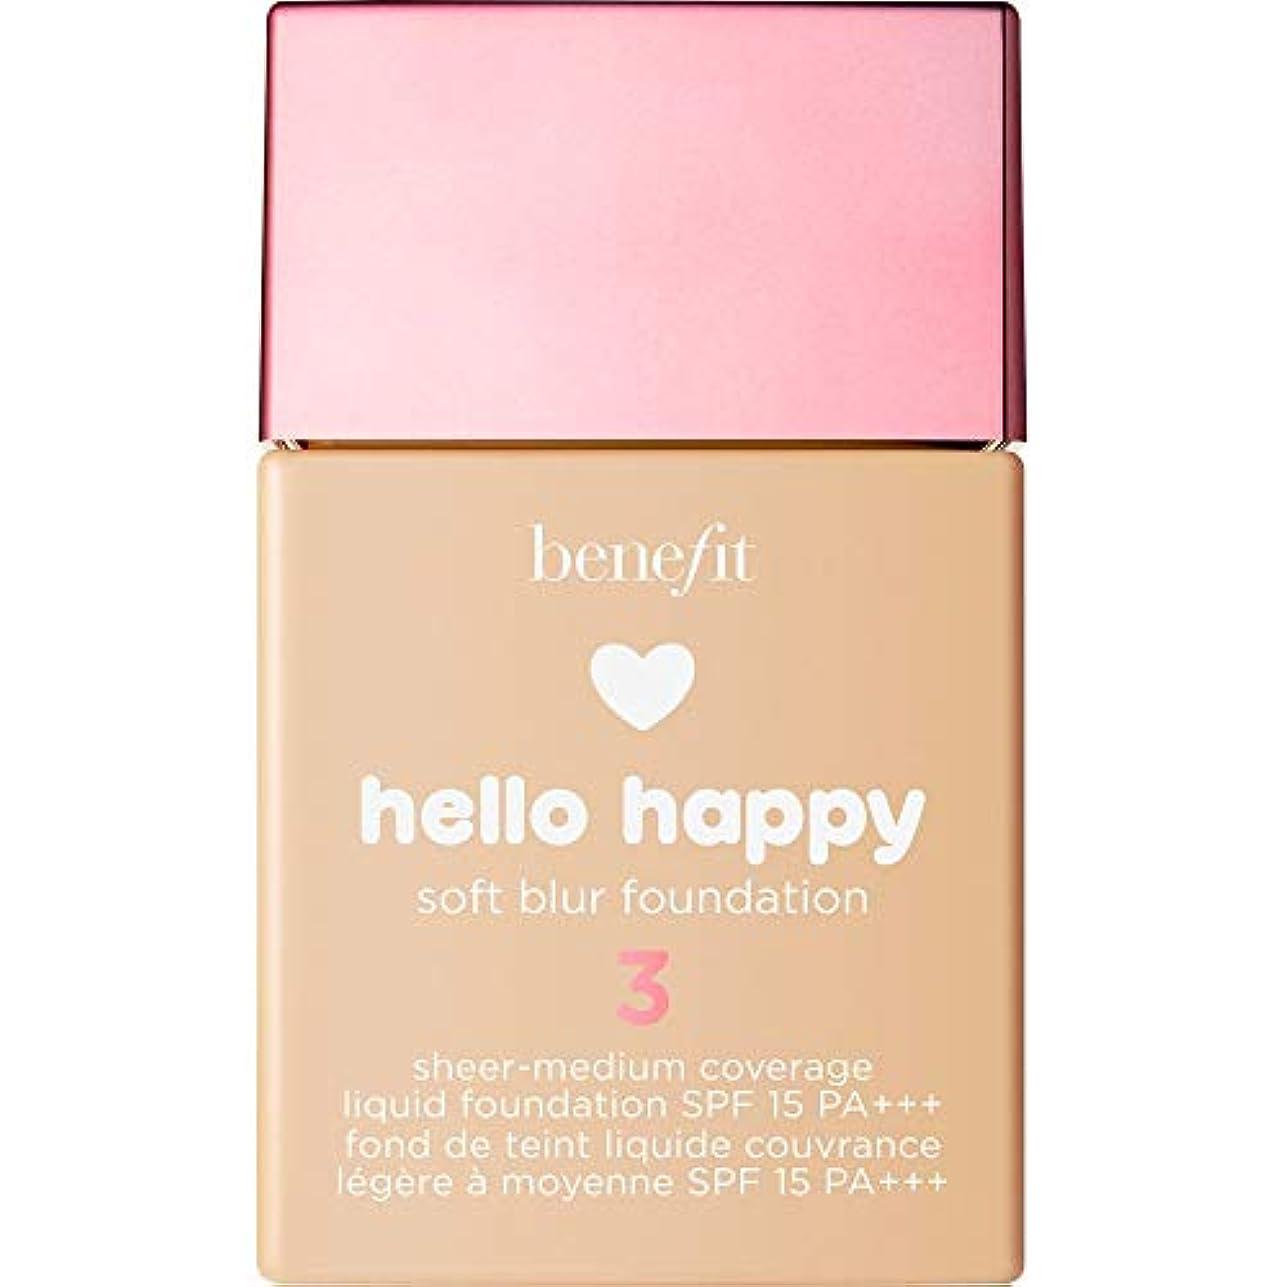 方向コテージラボ[Benefit ] 利益こんにちは幸せなソフトブラー基礎Spf15 30ミリリットル3 - ニュートラルライト - Benefit Hello Happy Soft Blur Foundation SPF15 30ml...